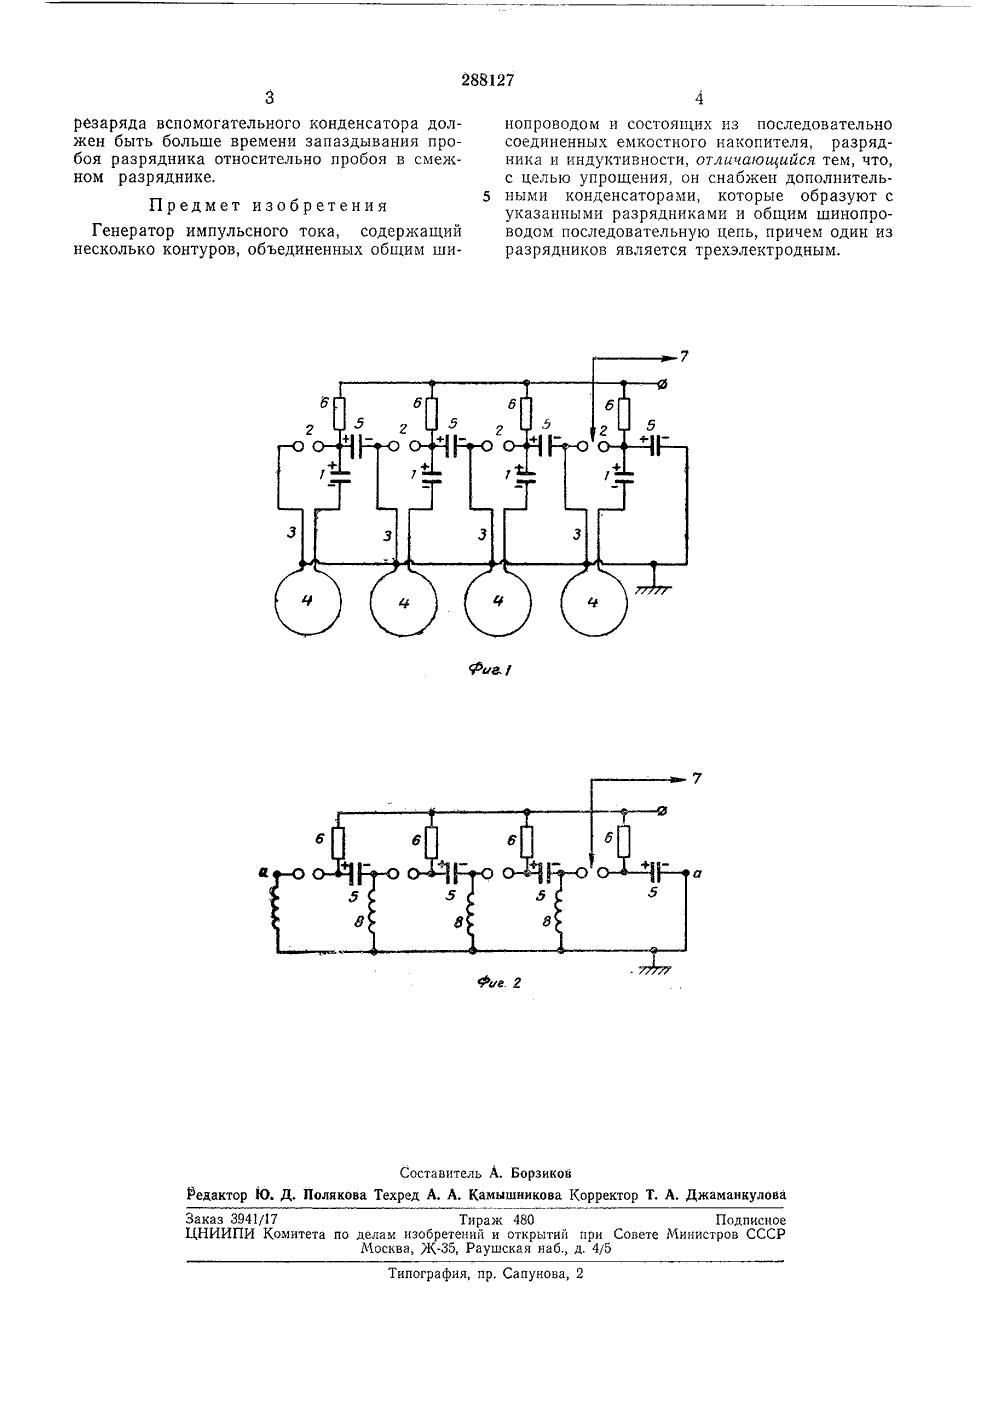 Импульсный генератор тока схема